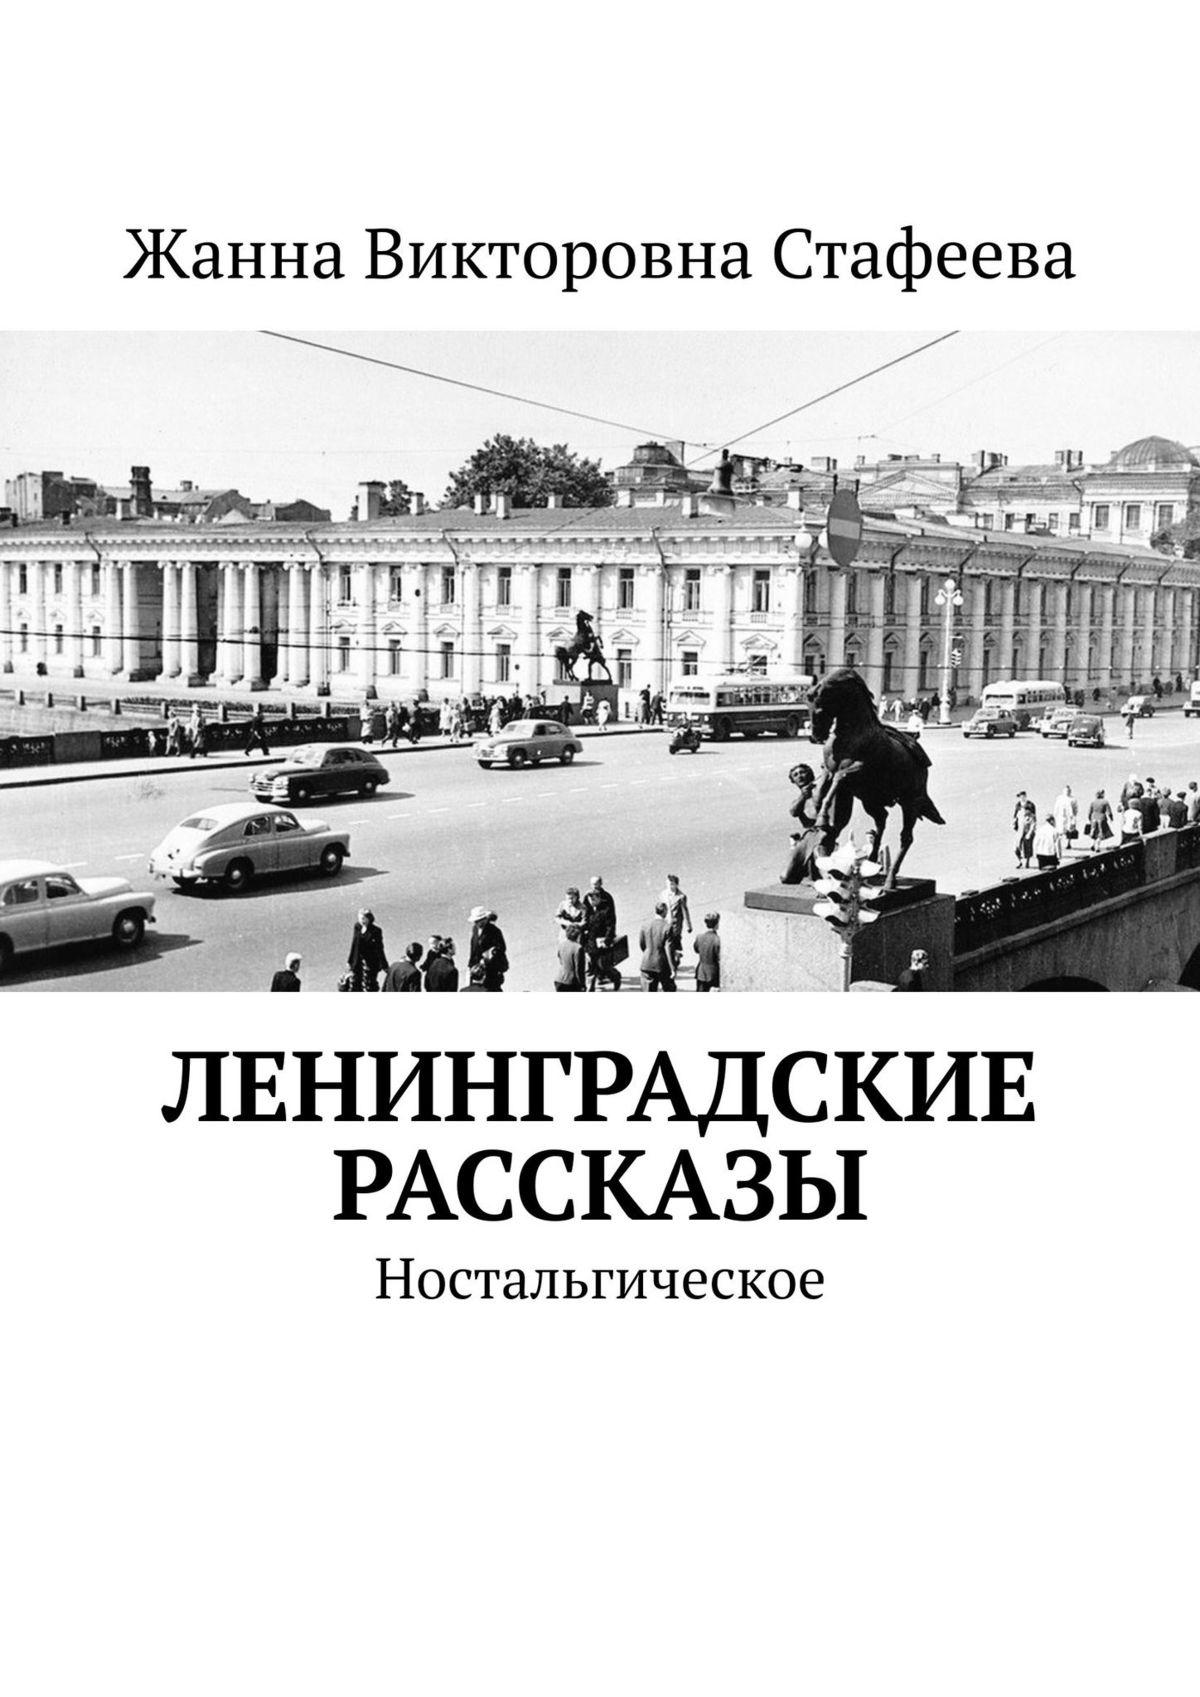 Купить книгу Ленинградские рассказы. Ностальгическое, автора Жанны Стафеевой